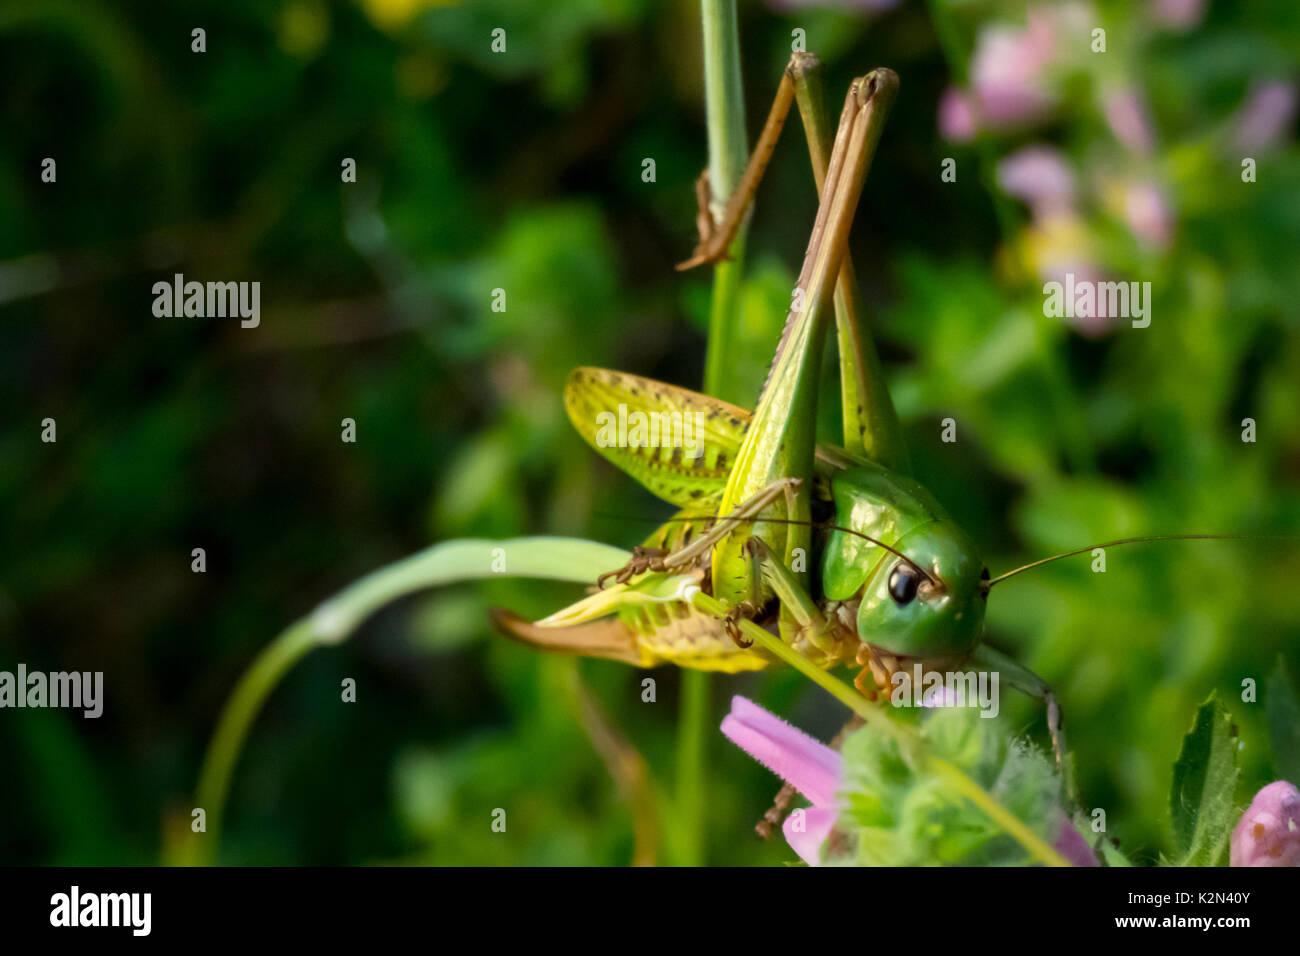 Nahaufnahme eines großen Green Bush - Kricket Fütterung auf den Blättern. (Tettigonia Viridissima) Fleischfressende und arboreal Insekt. Stockbild